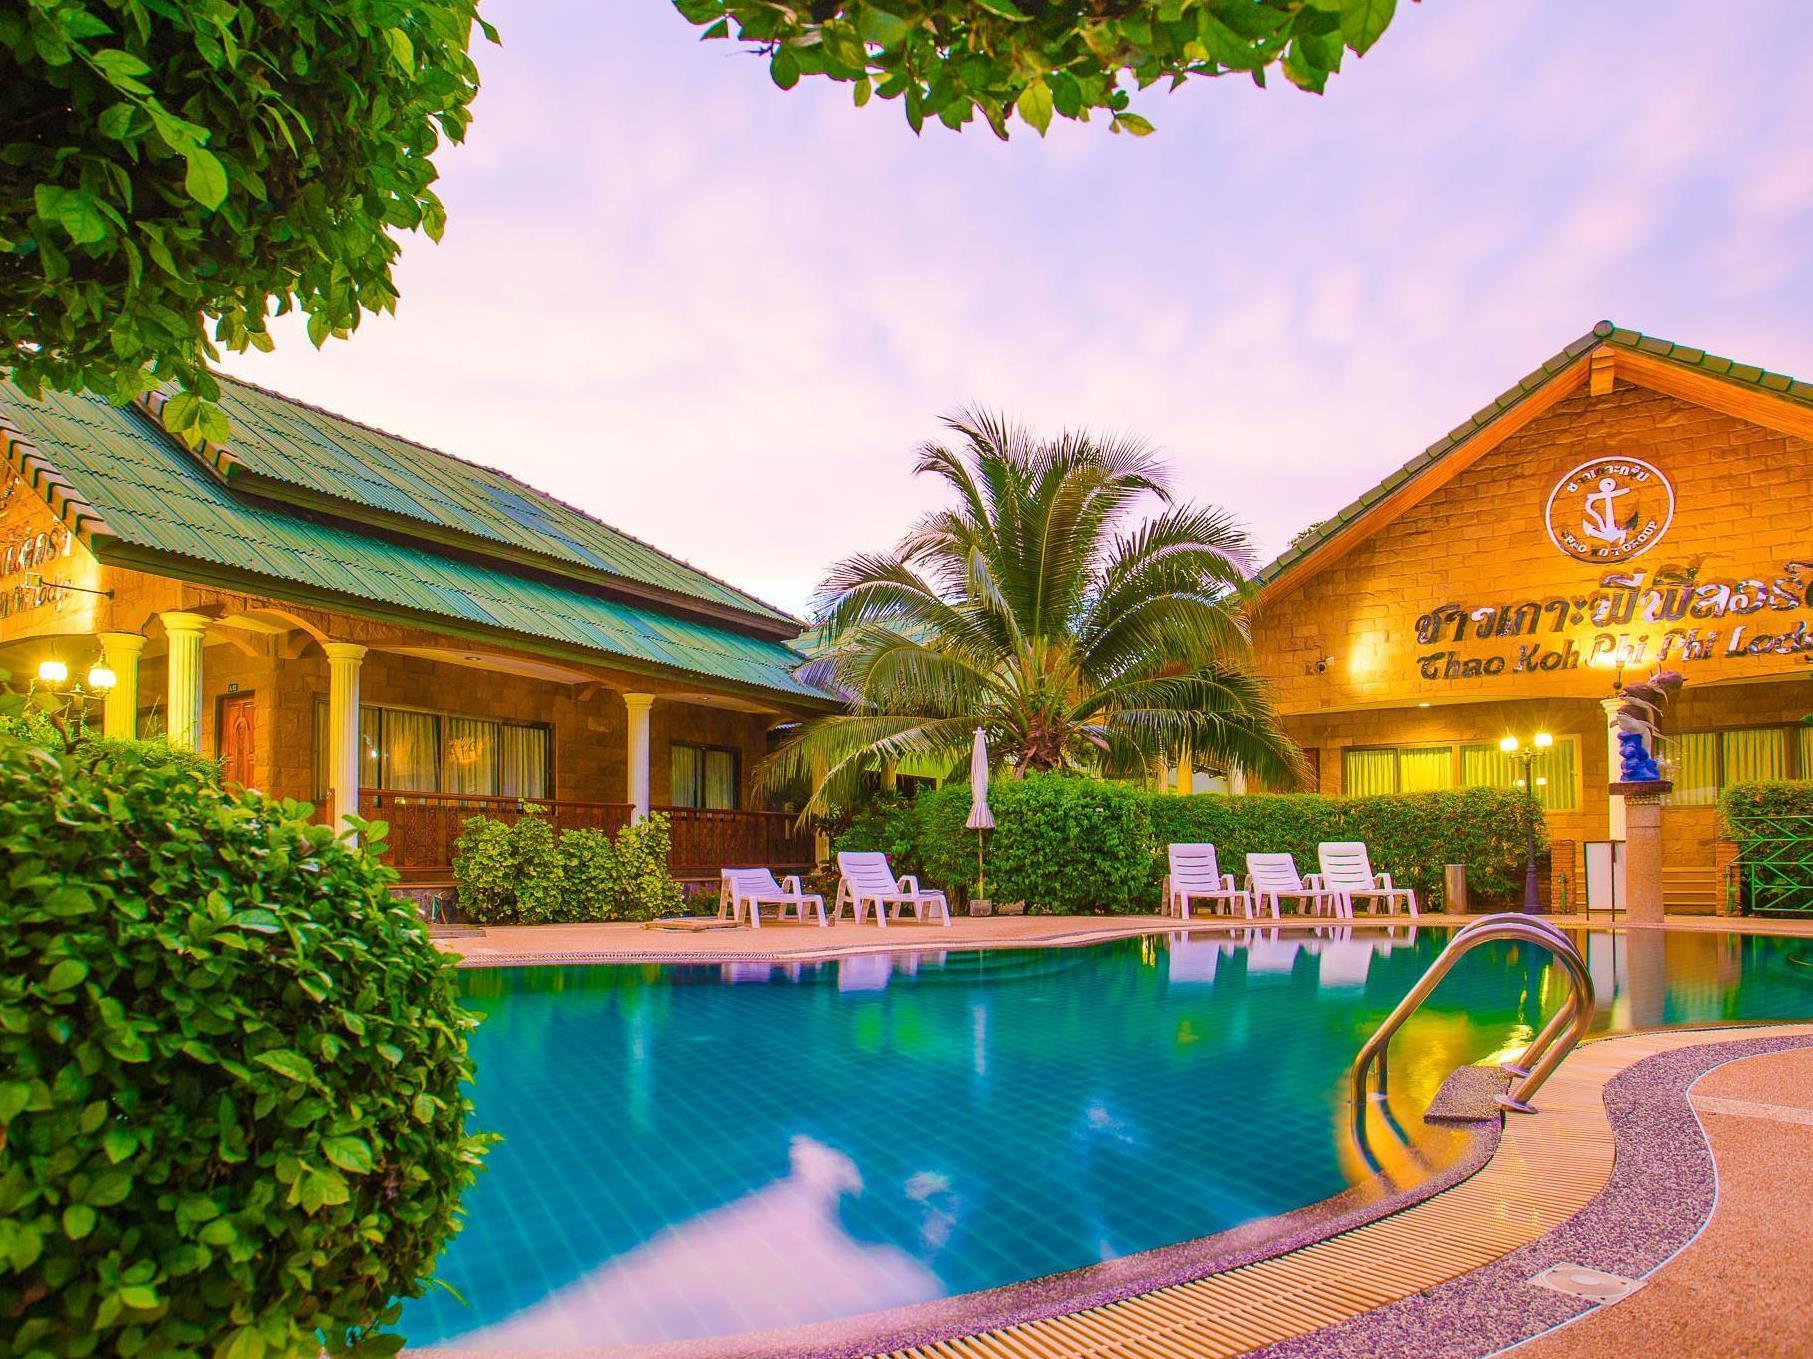 ชาวเกาะ พีพี ลอดจ์ - Chaokoh Phi Phi Lodge